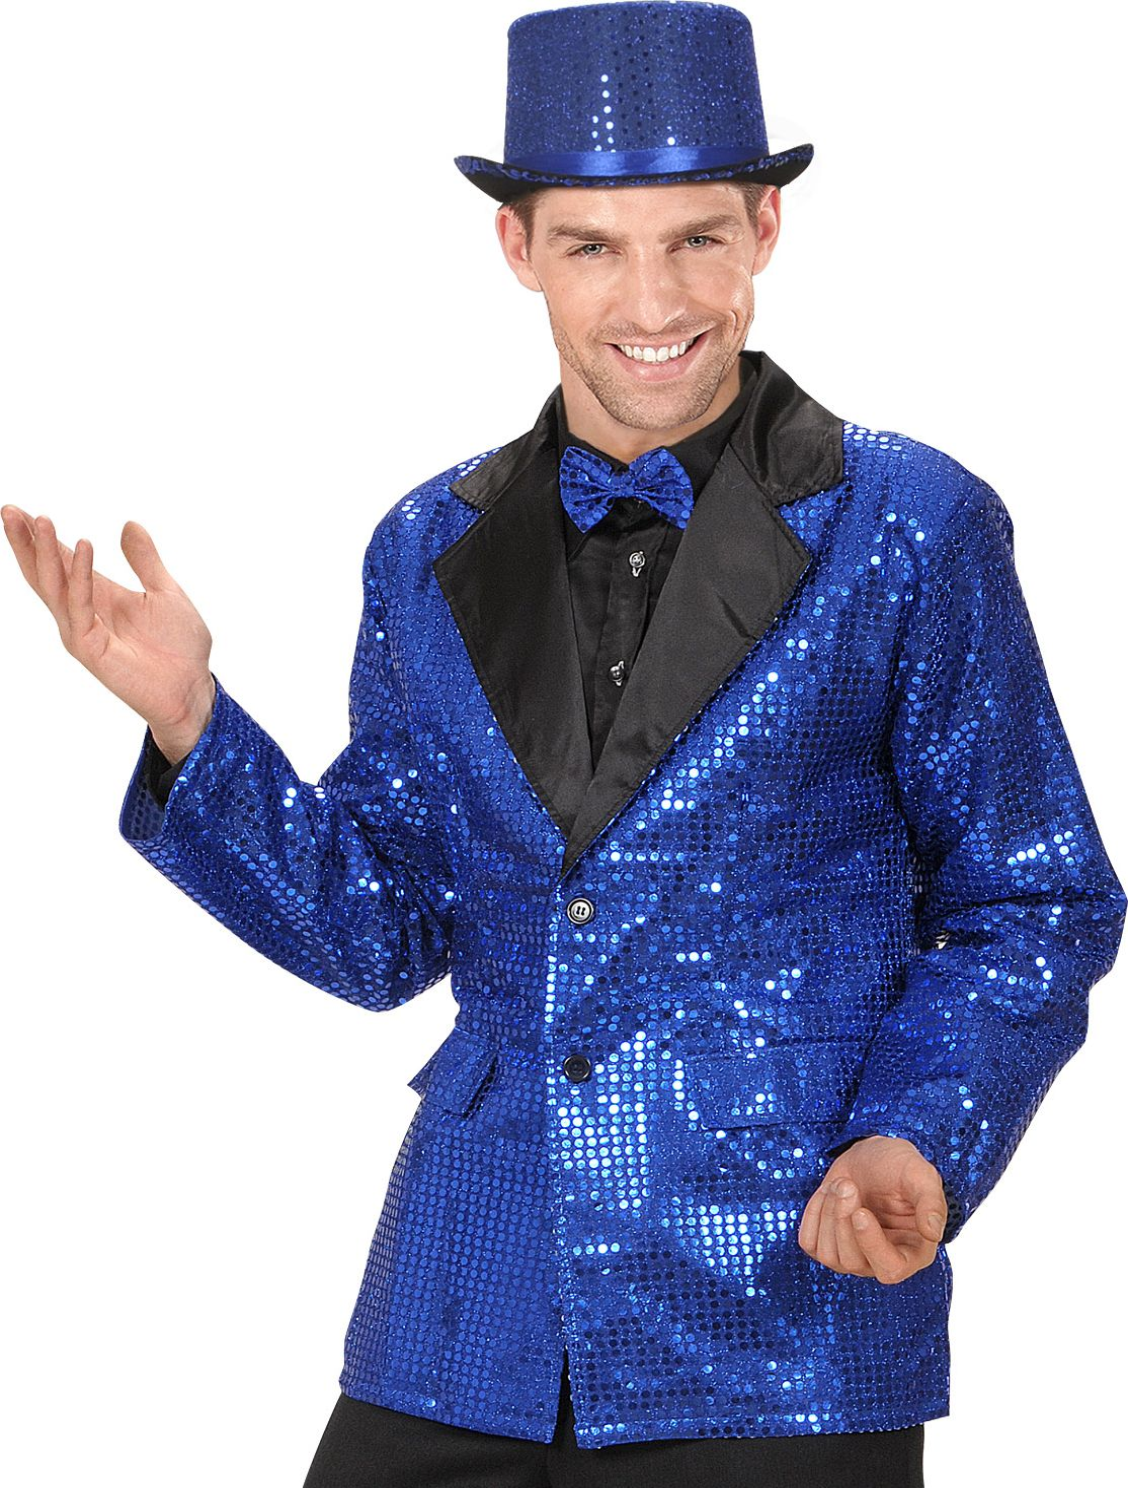 Pailletten jasje blauw